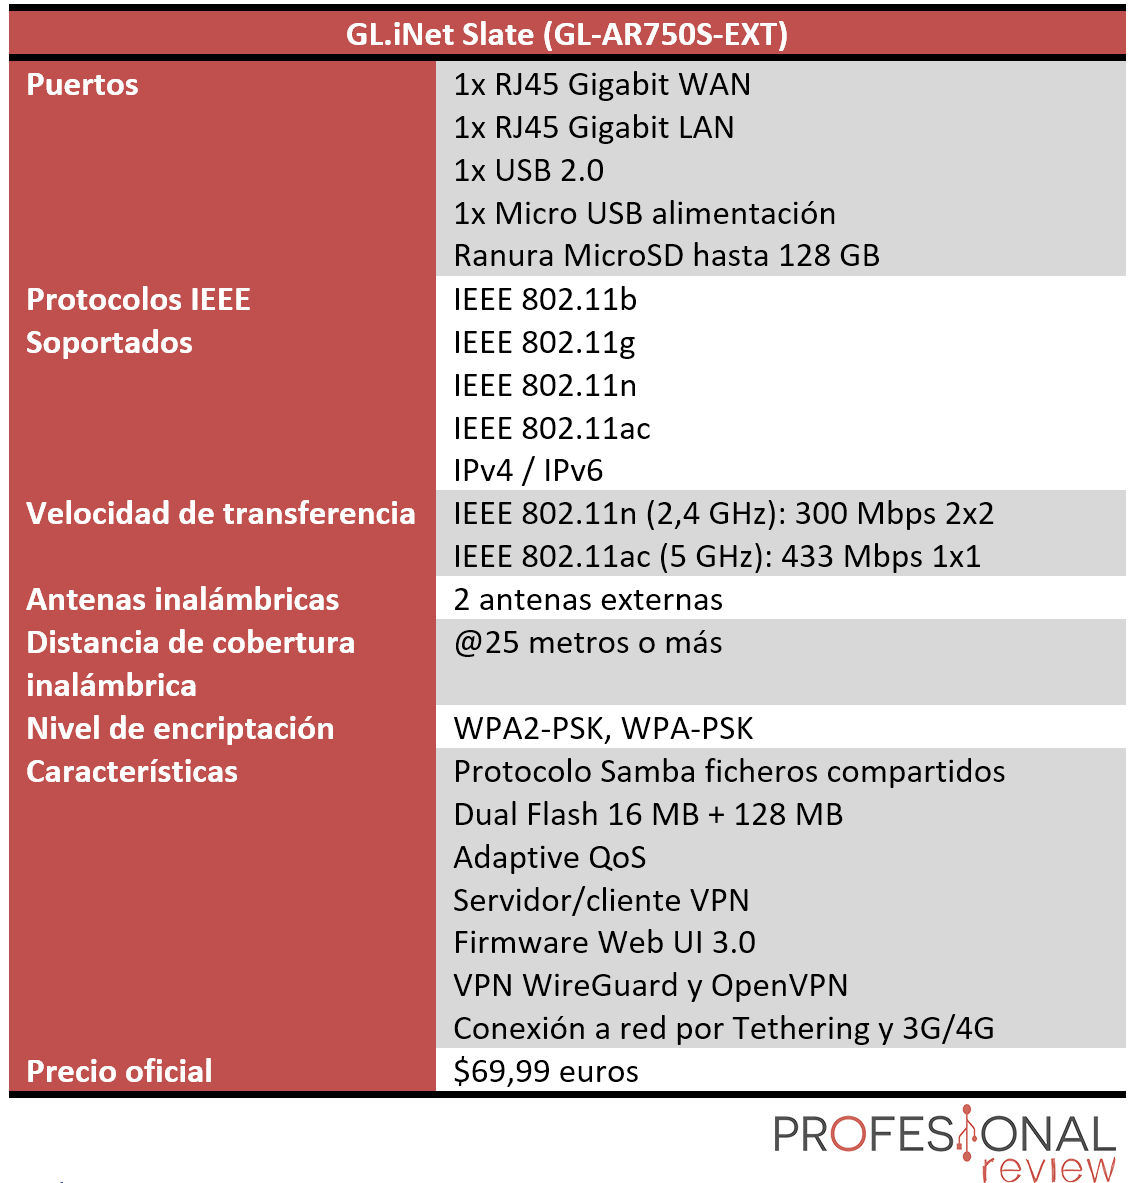 GL.iNet Slate Características